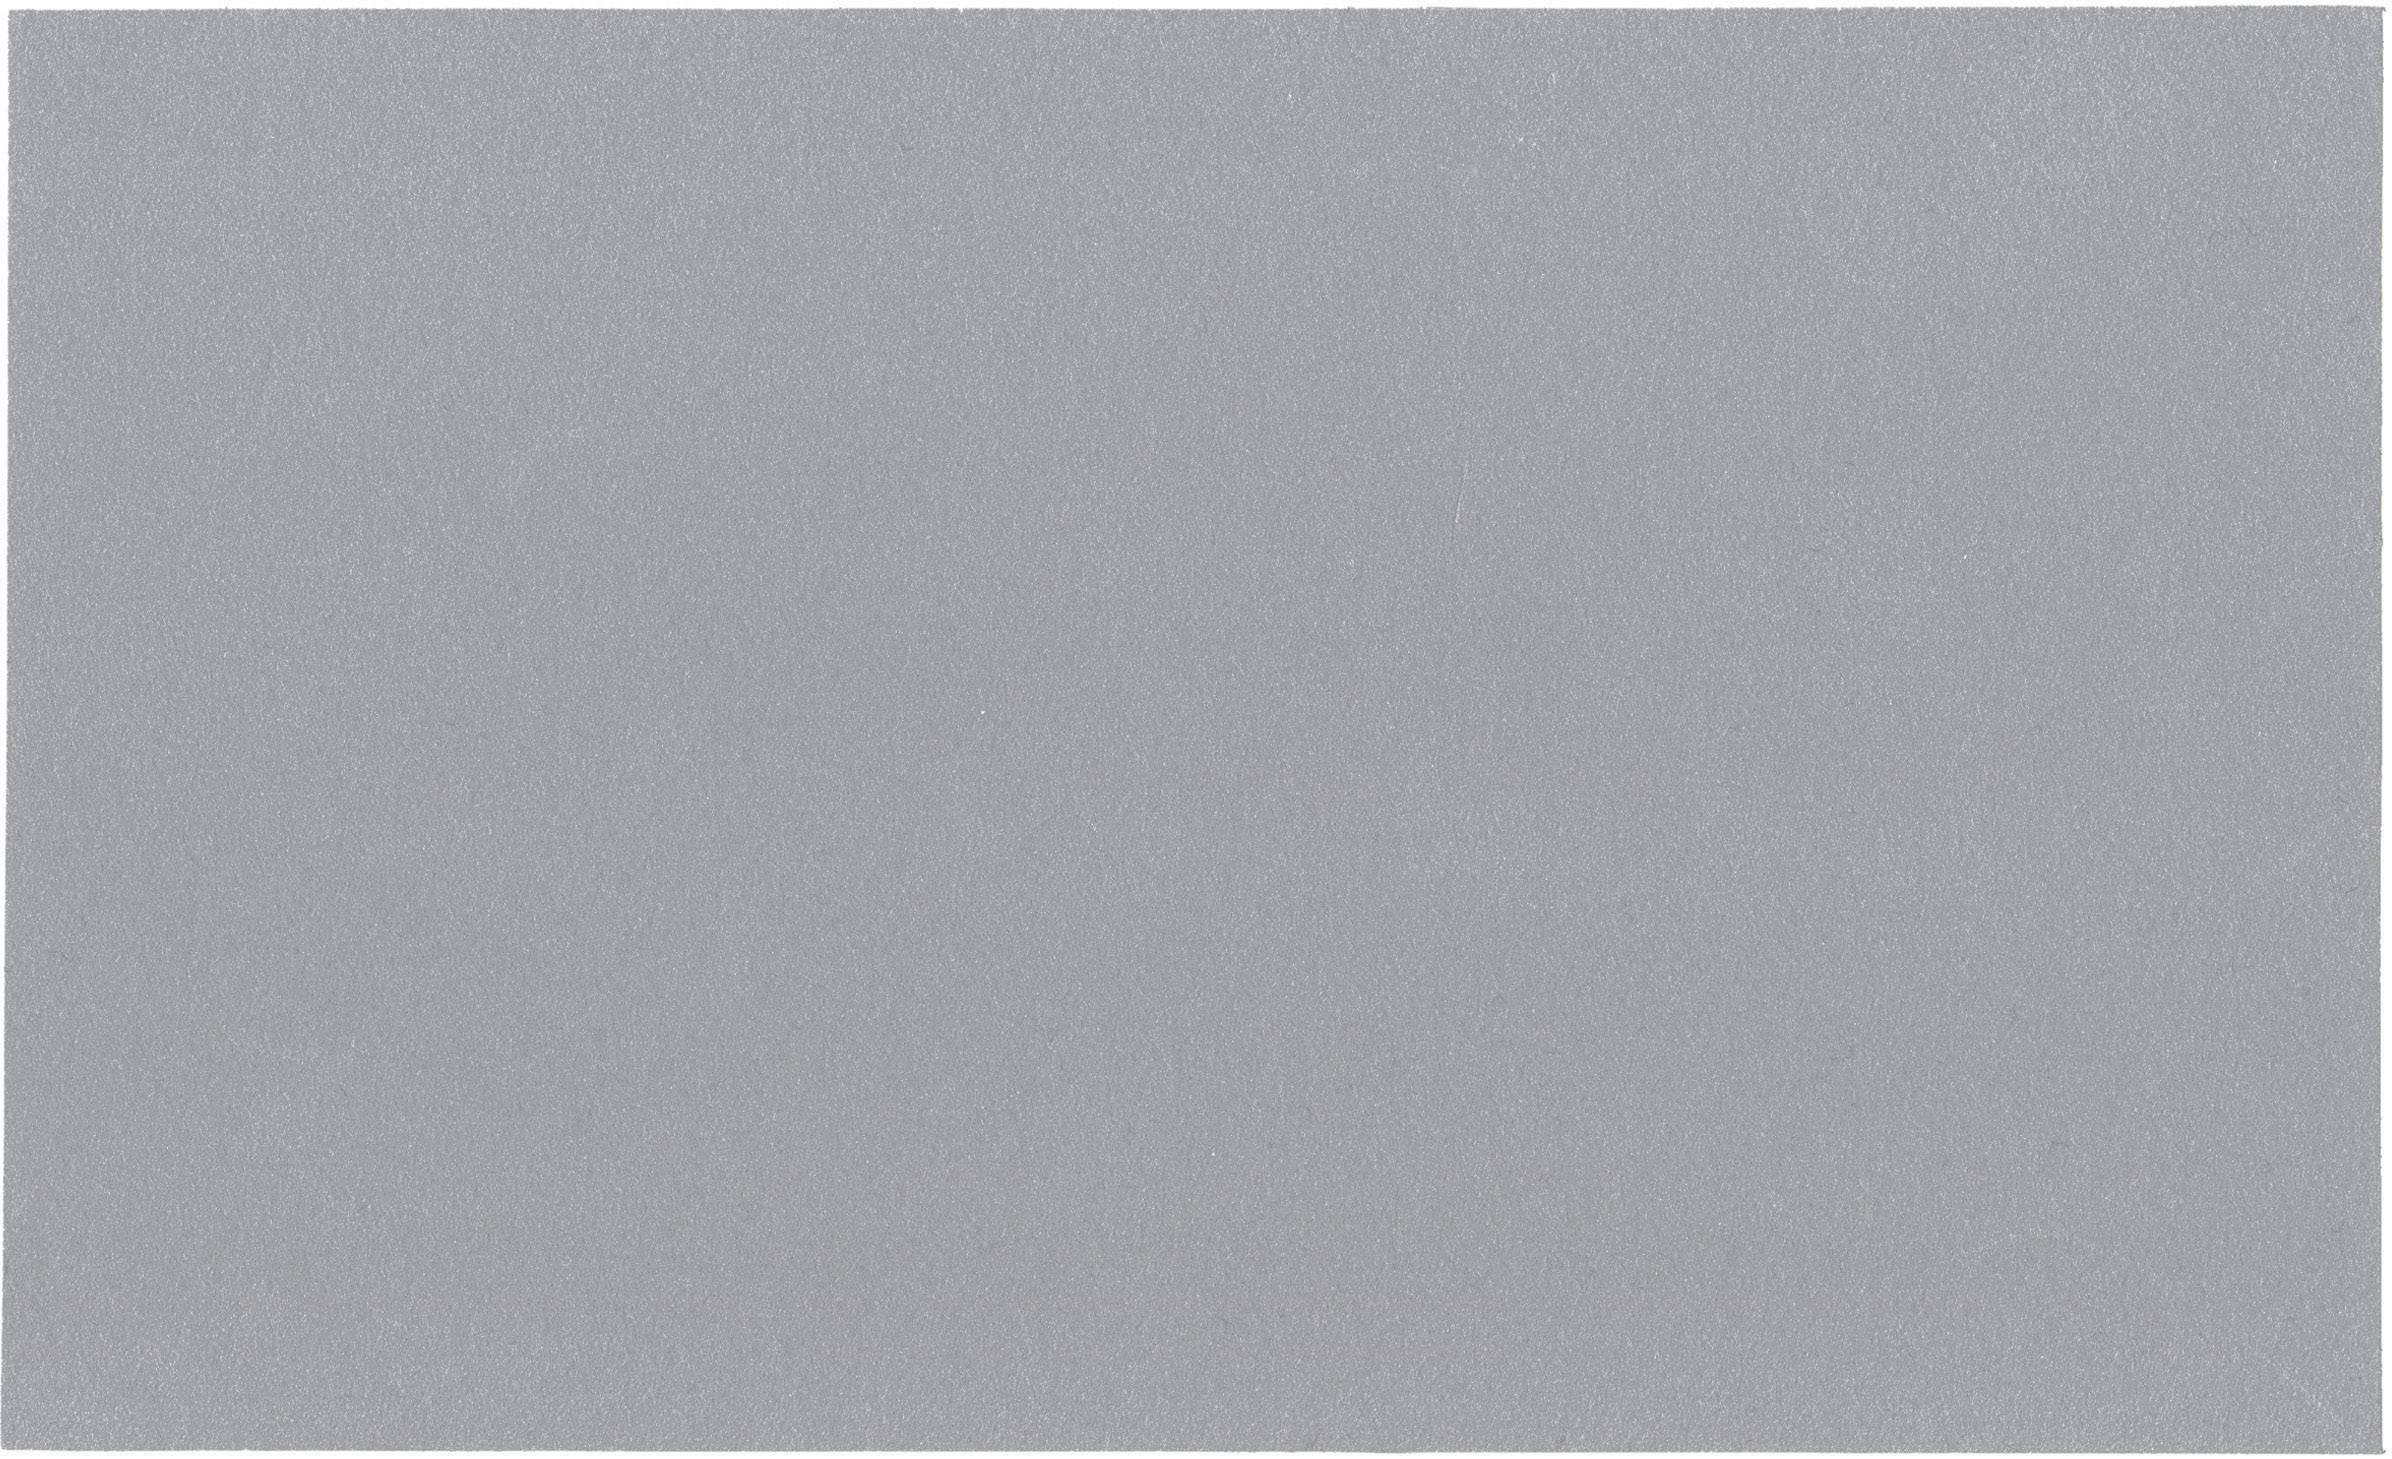 Tepelně vodivá fólie SoftthermR Kerafol 86/600, 6 W/mK, 200 x 120 x 1 mm